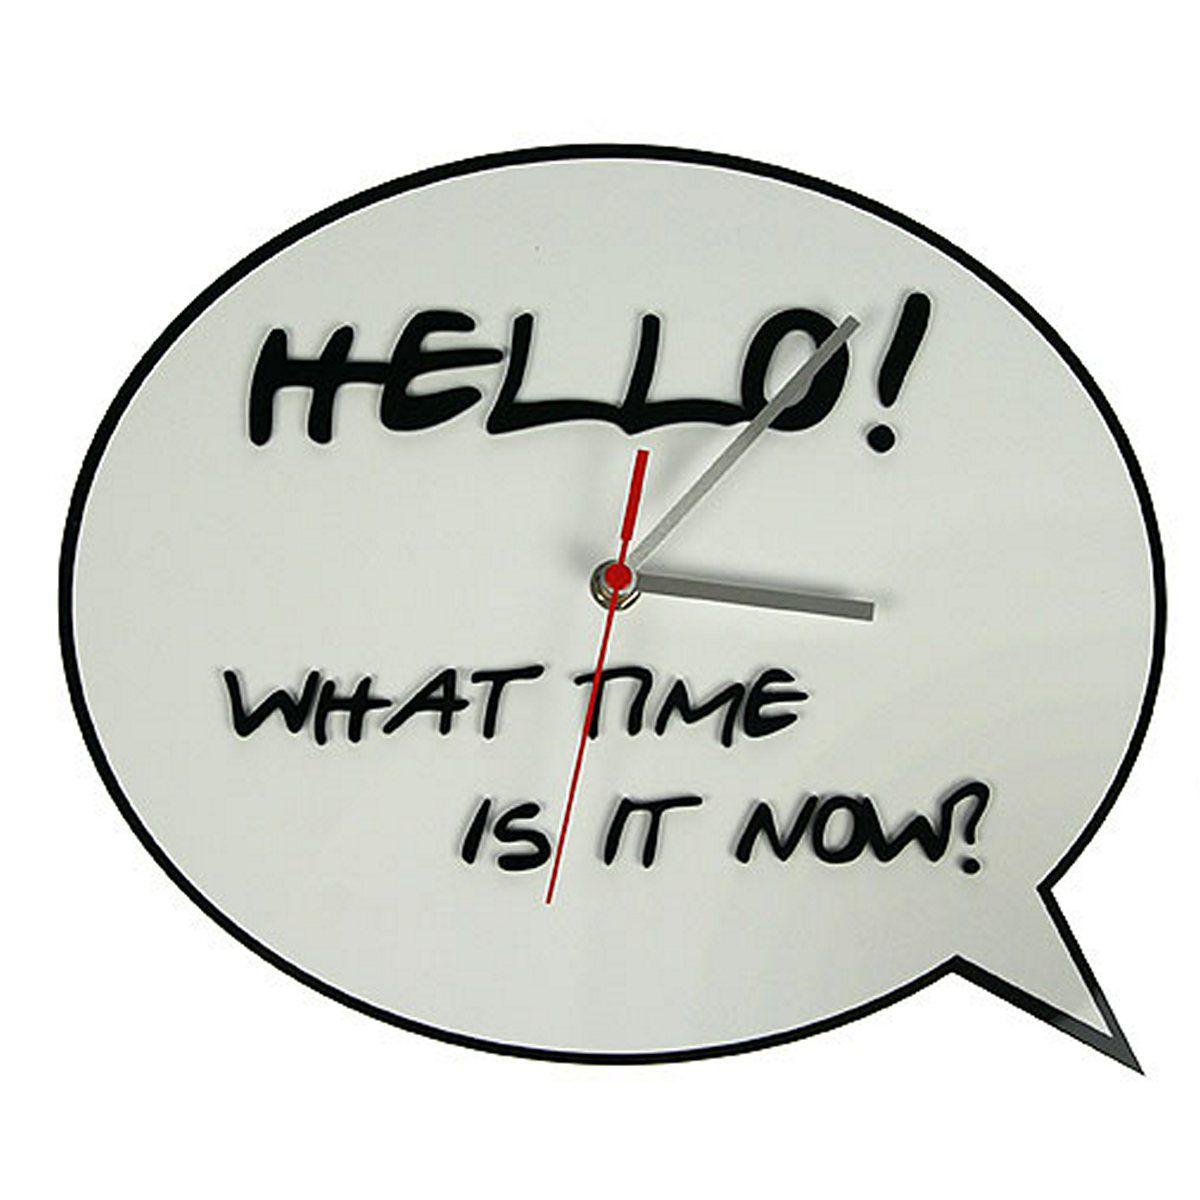 Часы настенные Русские Подарки, диаметр 30 см. 122421122421Настенные кварцевые часы Русские Подарки изготовлены из полиамида. Корпус оформлен надписью на английском языке: Hello! What time is it now?. Часы имеют три стрелки - часовую, минутную и секундную. С обратной стороны имеется петелька для подвешивания на стену. Такие часы красиво и оригинально оформят интерьер дома или офиса. Также часы могут стать уникальным, полезным подарком для родственников, коллег, знакомых и близких. Часы работают от батареек типа АА (в комплект не входят).